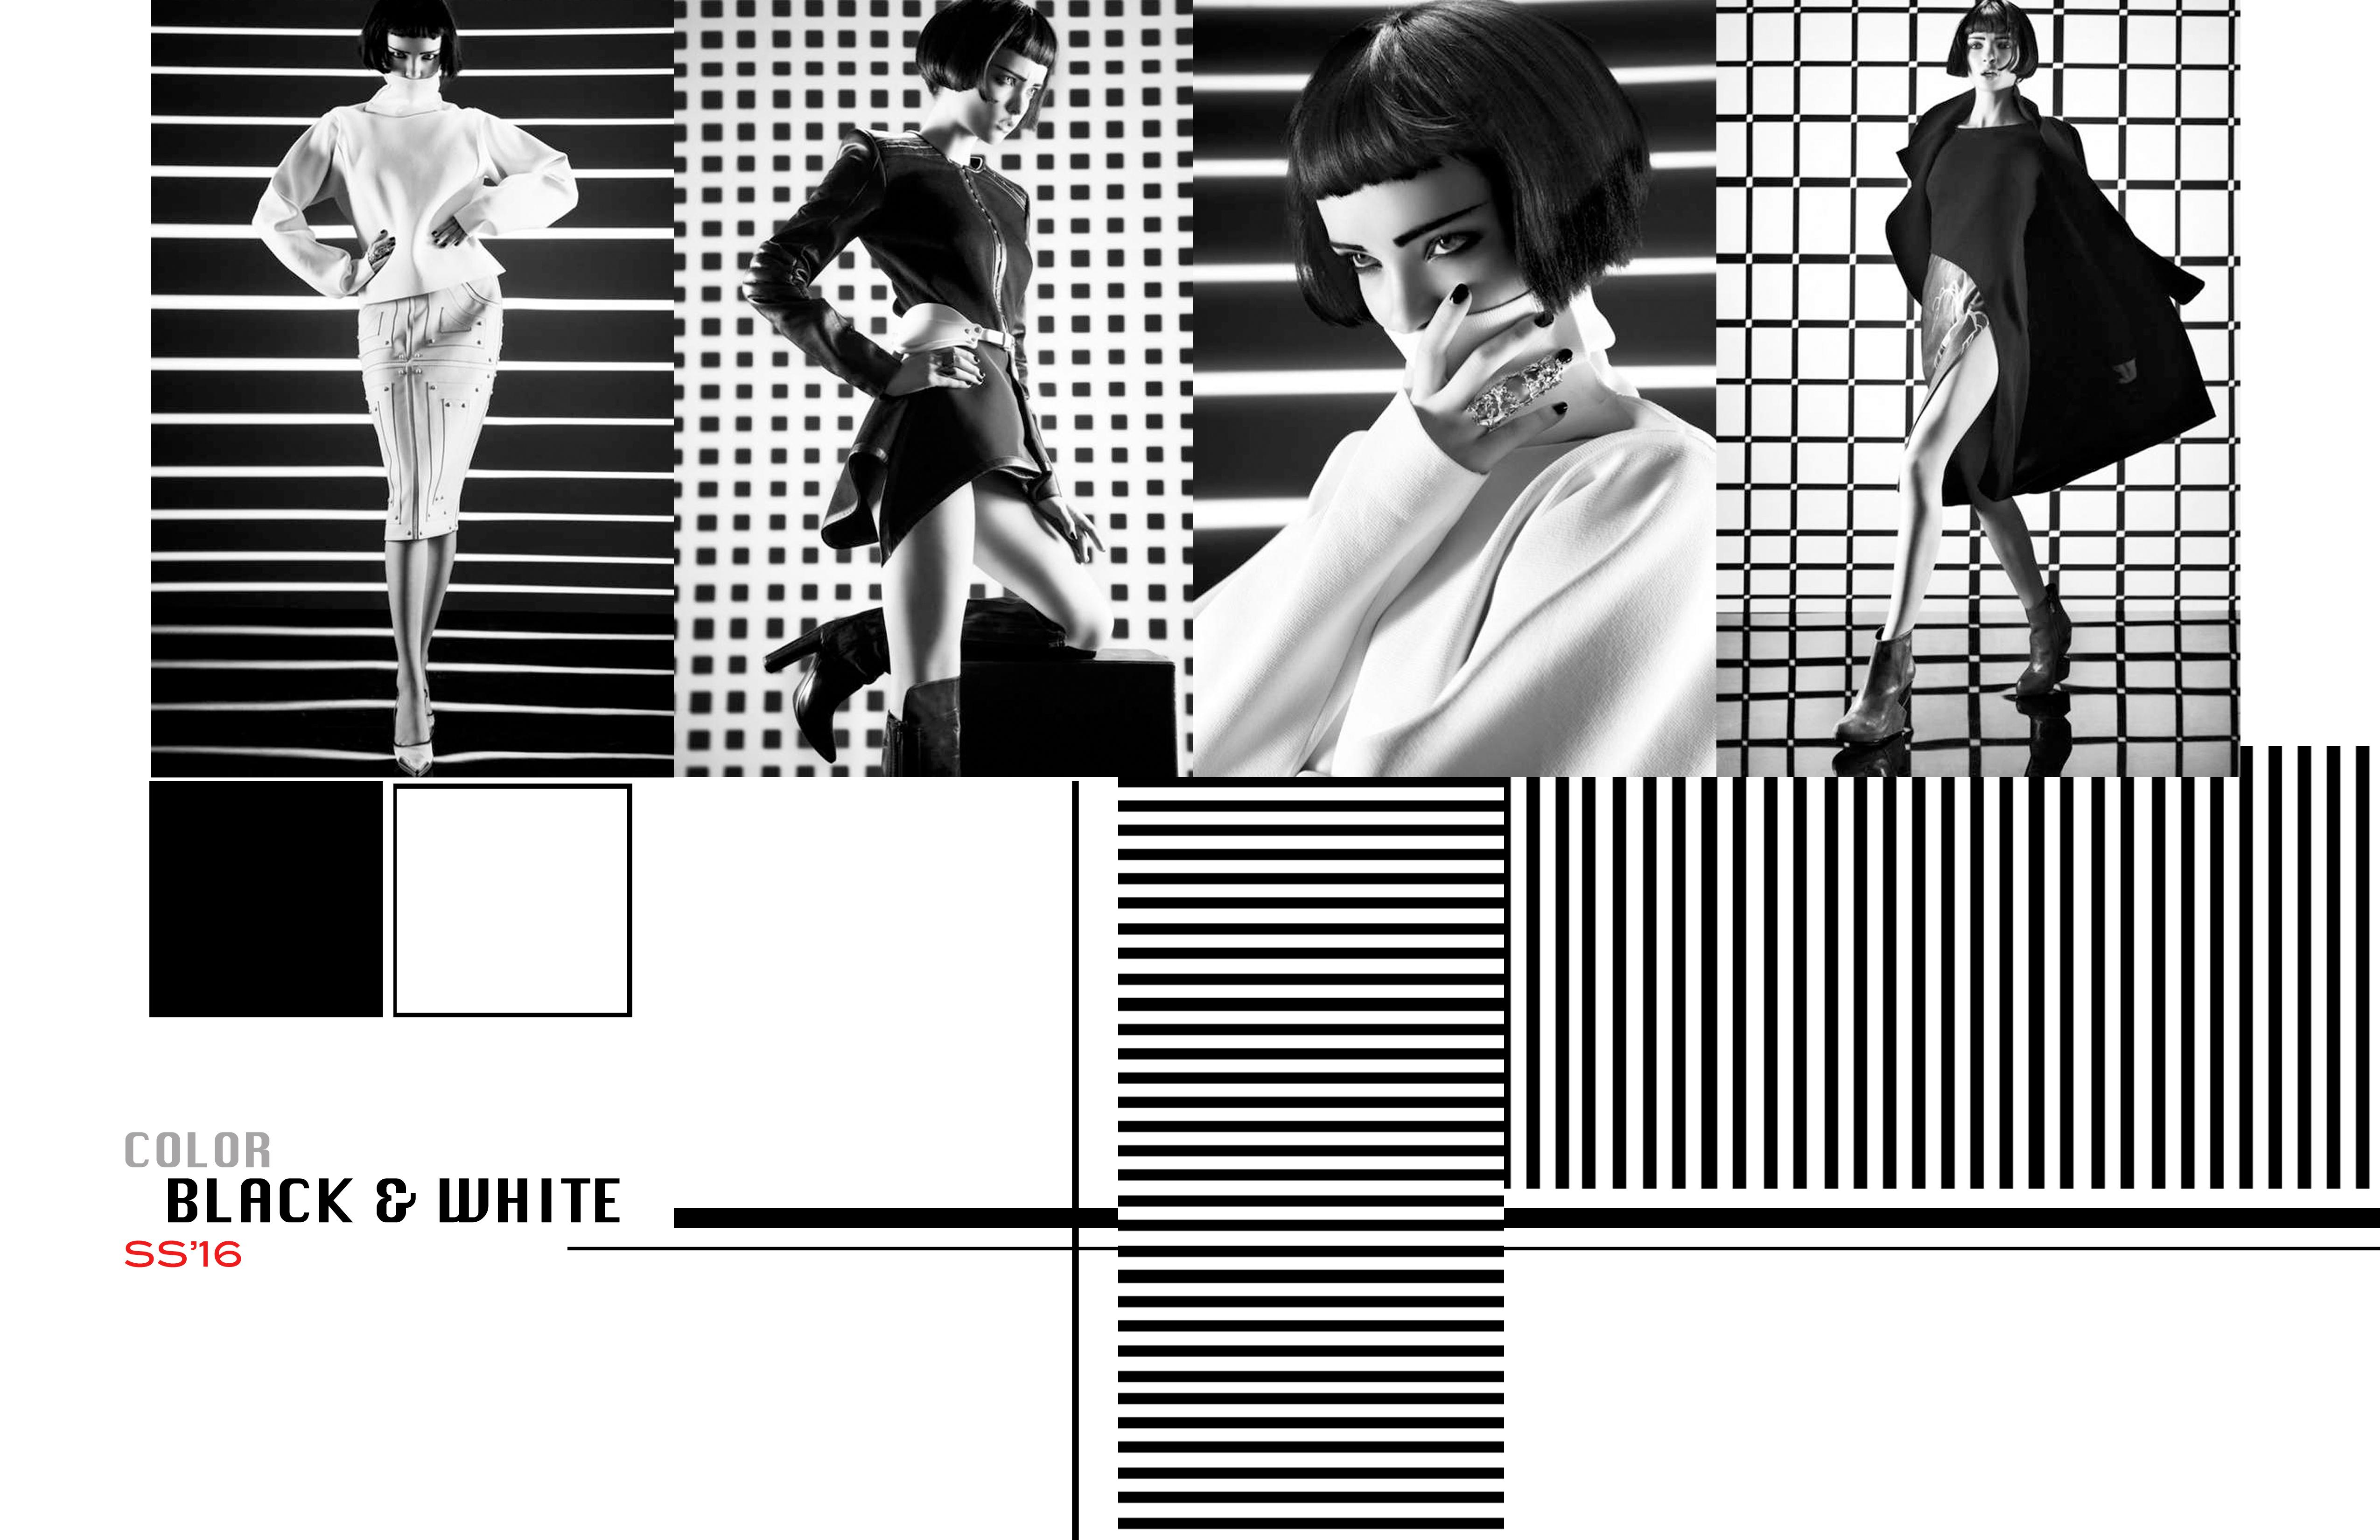 SS'16 BLACK & WHITE.jpg